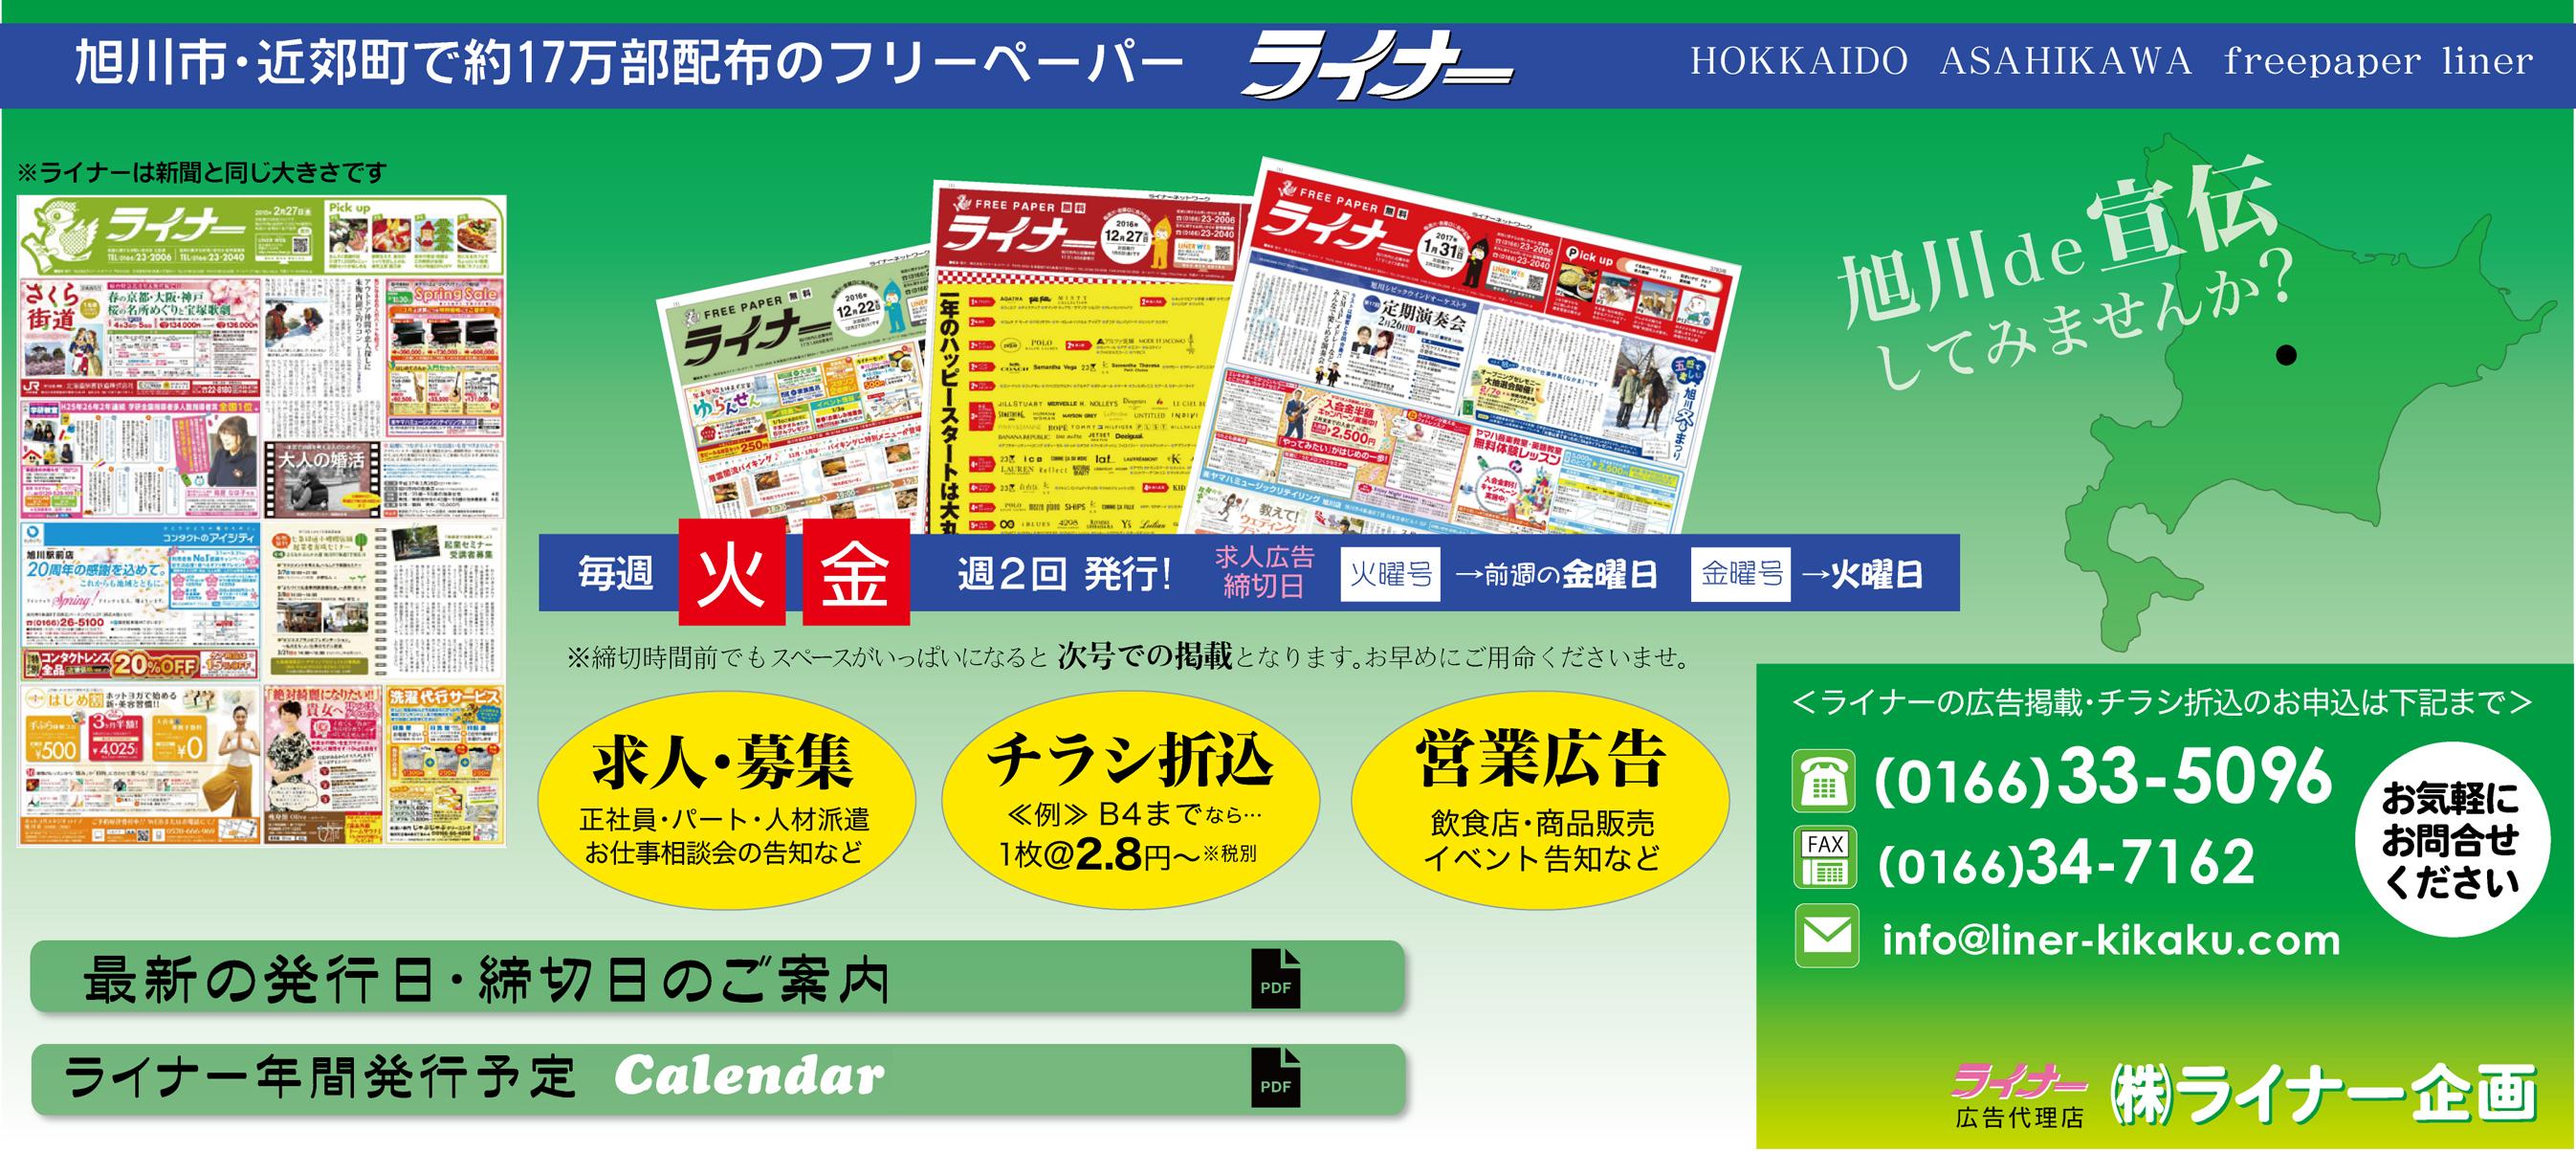 旭川市17万部配布のフリーペーパー「ライナー」 広告のお問合せ・お申し込みは【ライナー企画】までお気軽に…